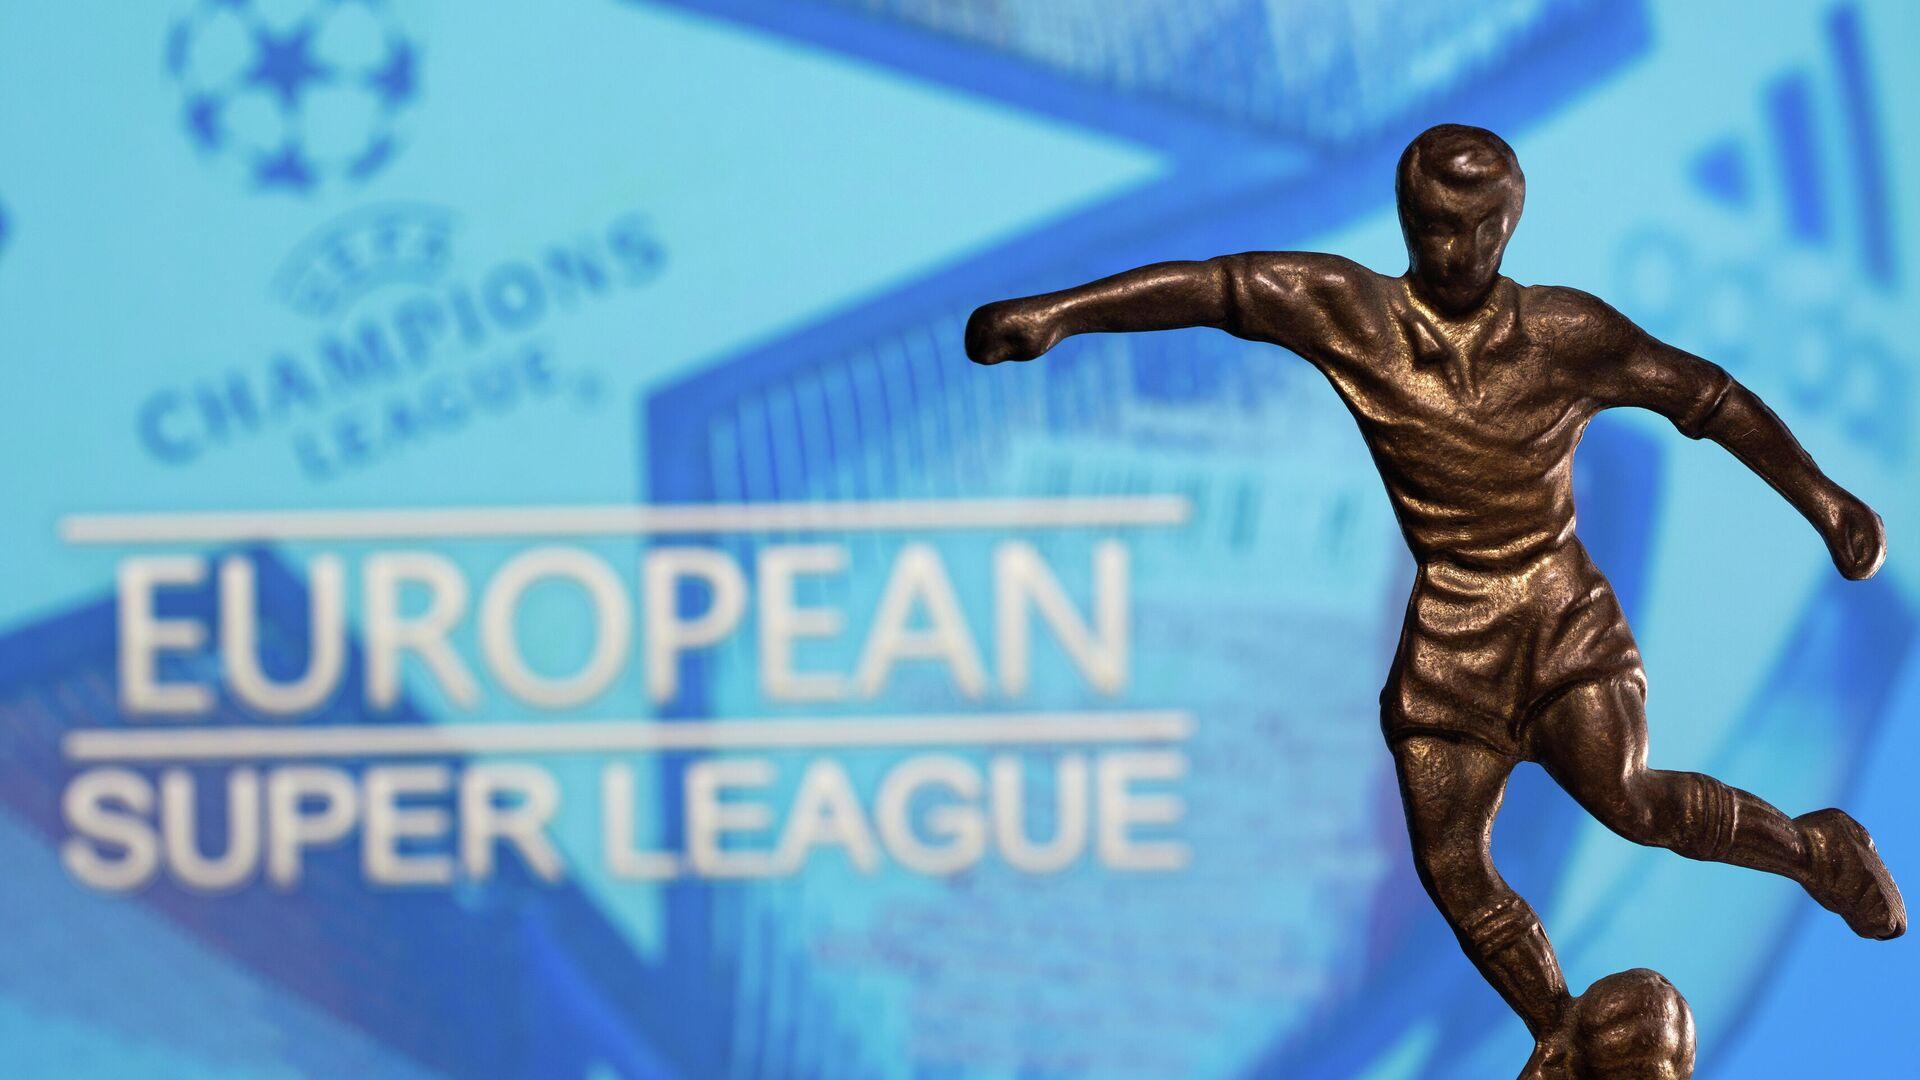 Logo de la Superliga europea - Sputnik Mundo, 1920, 21.04.2021